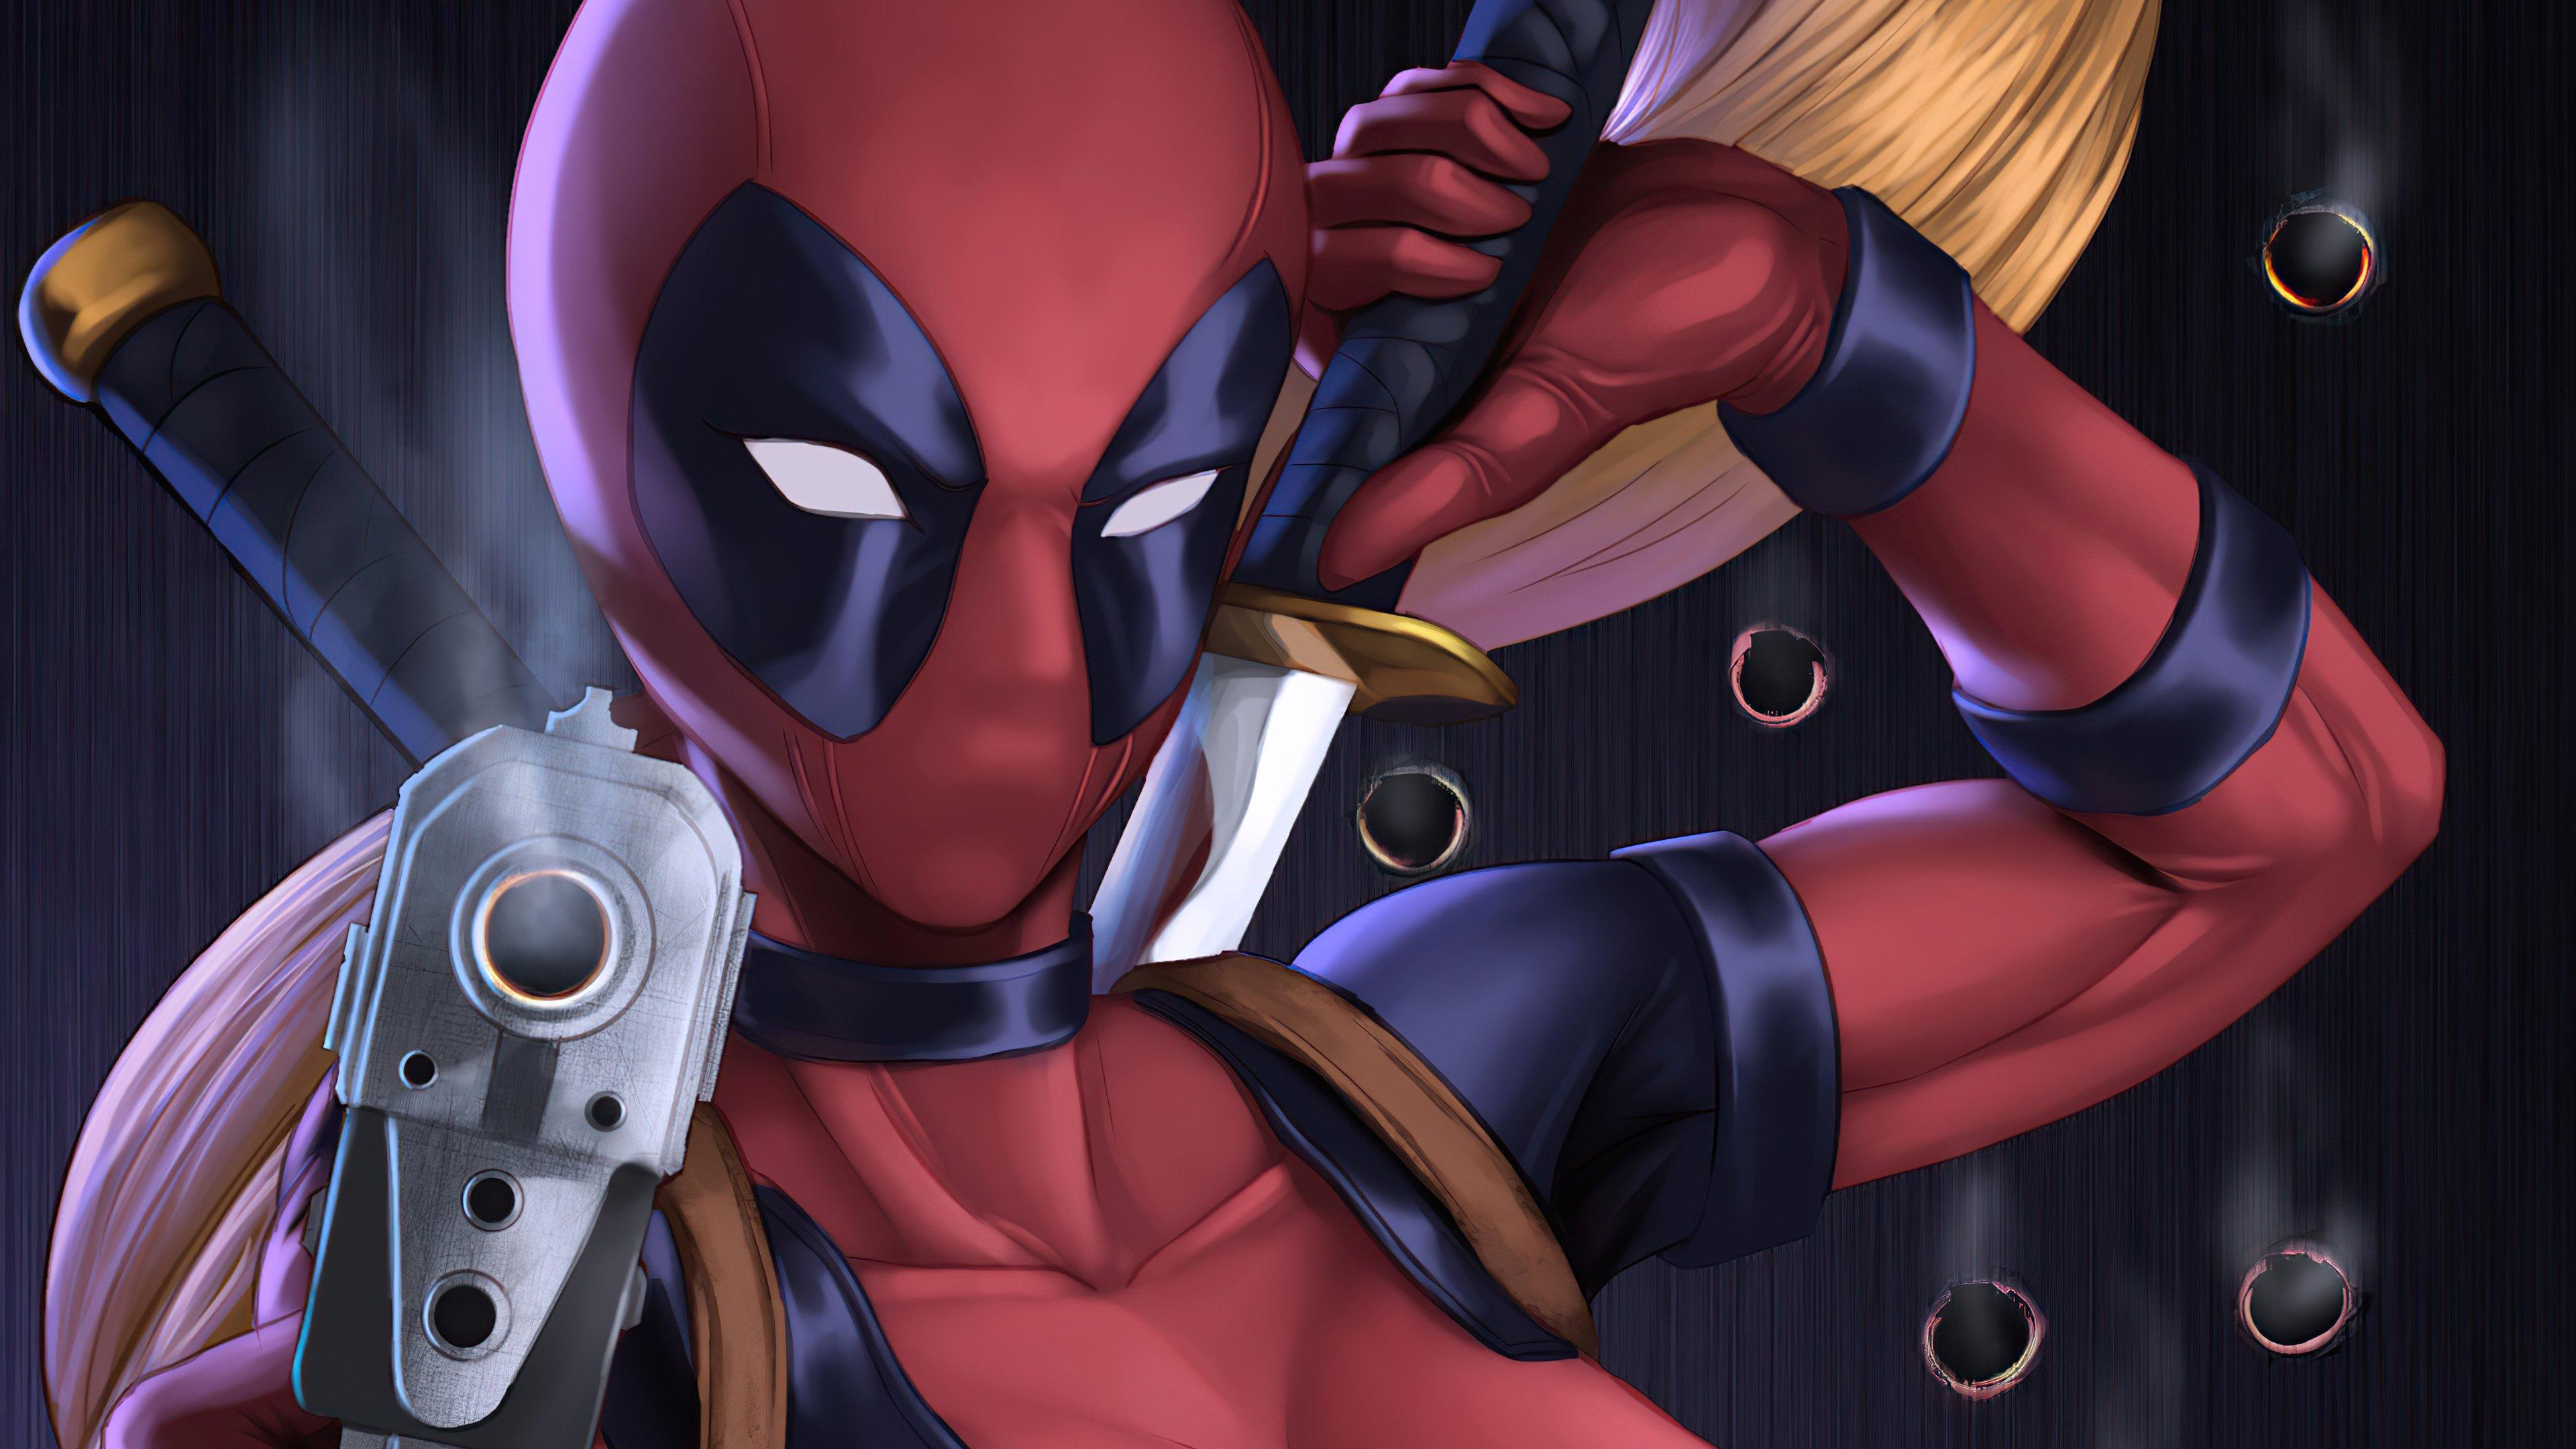 Wallpaper Lady Deadpool